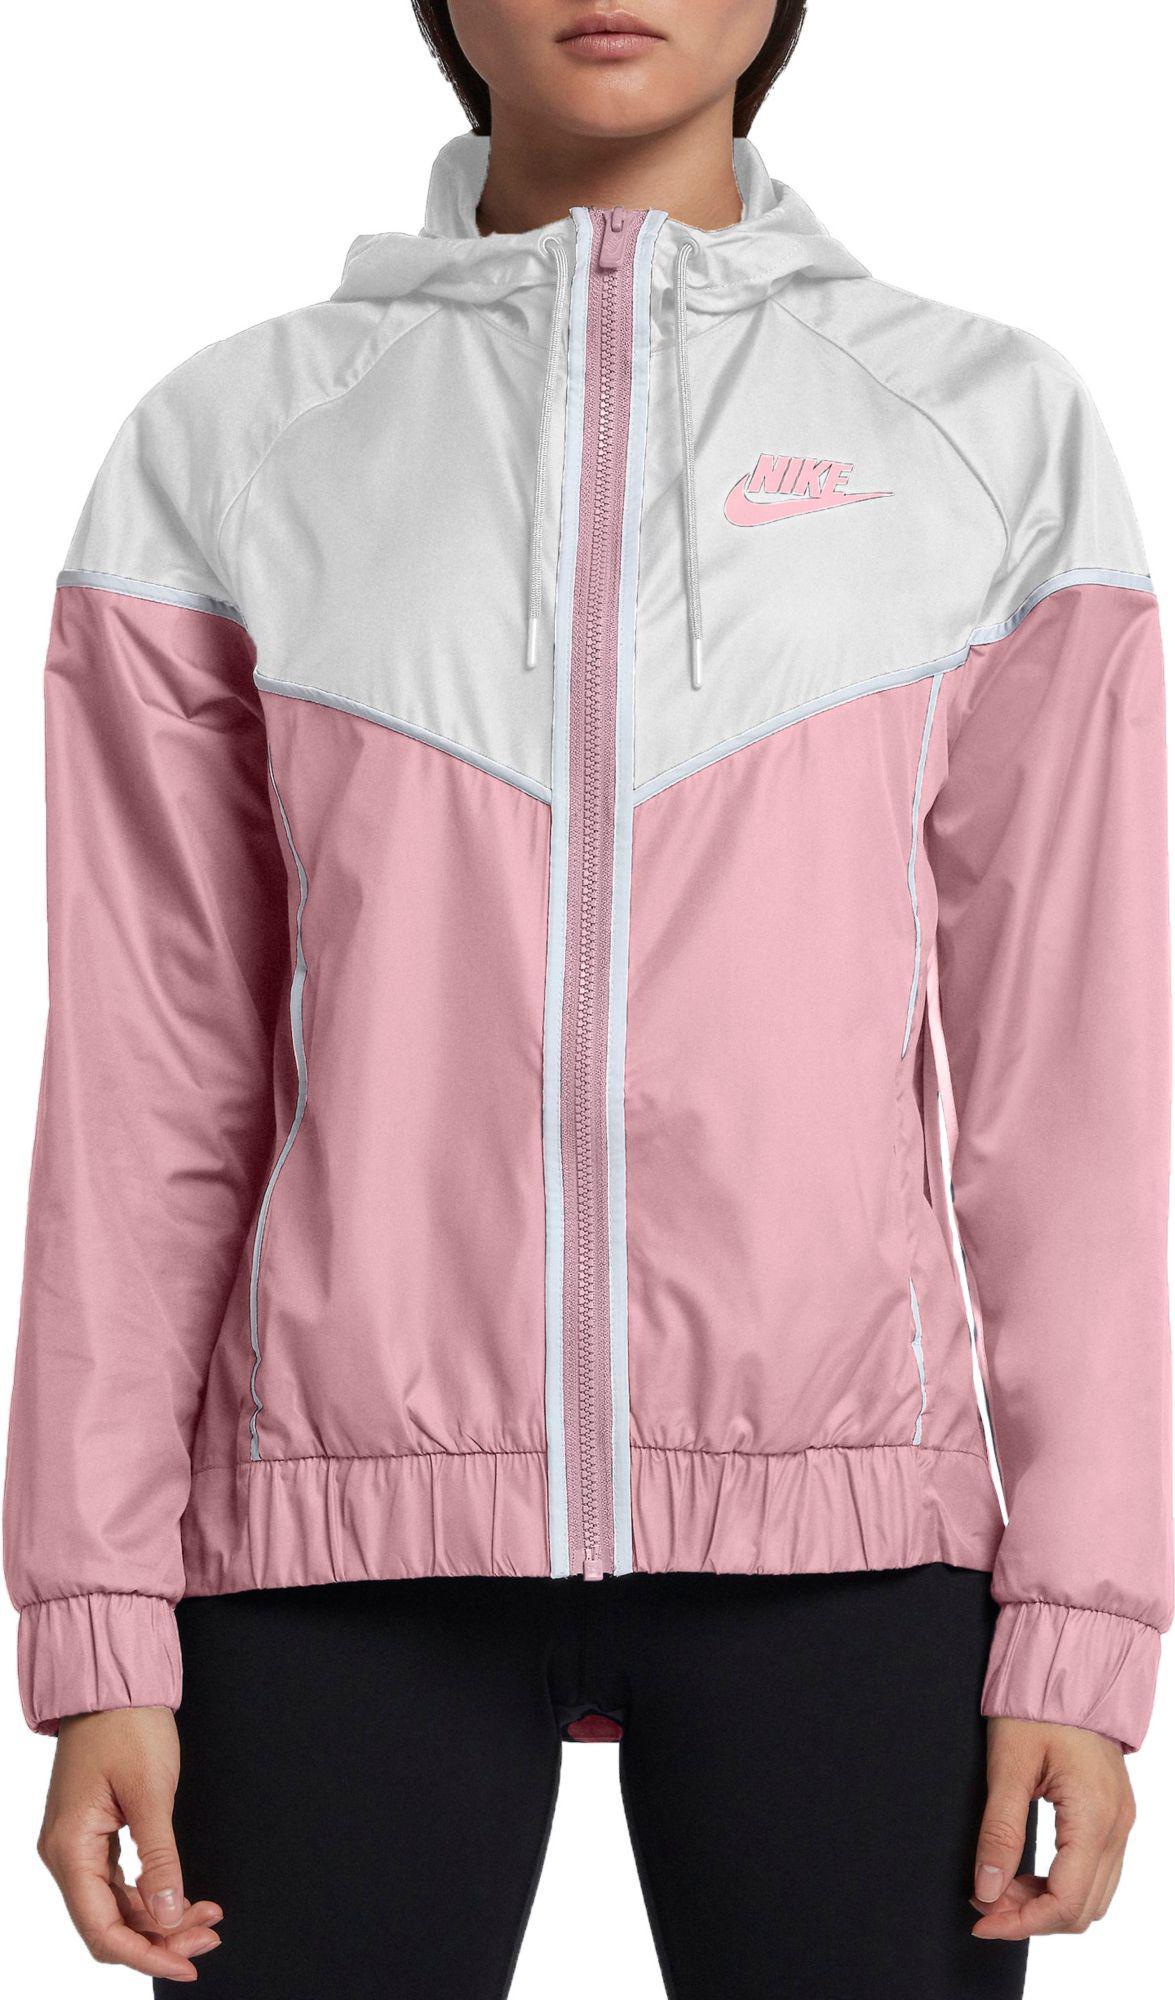 Lyst - Nike Sportswear Windrunner Jacket in Pink e0d4a3c81